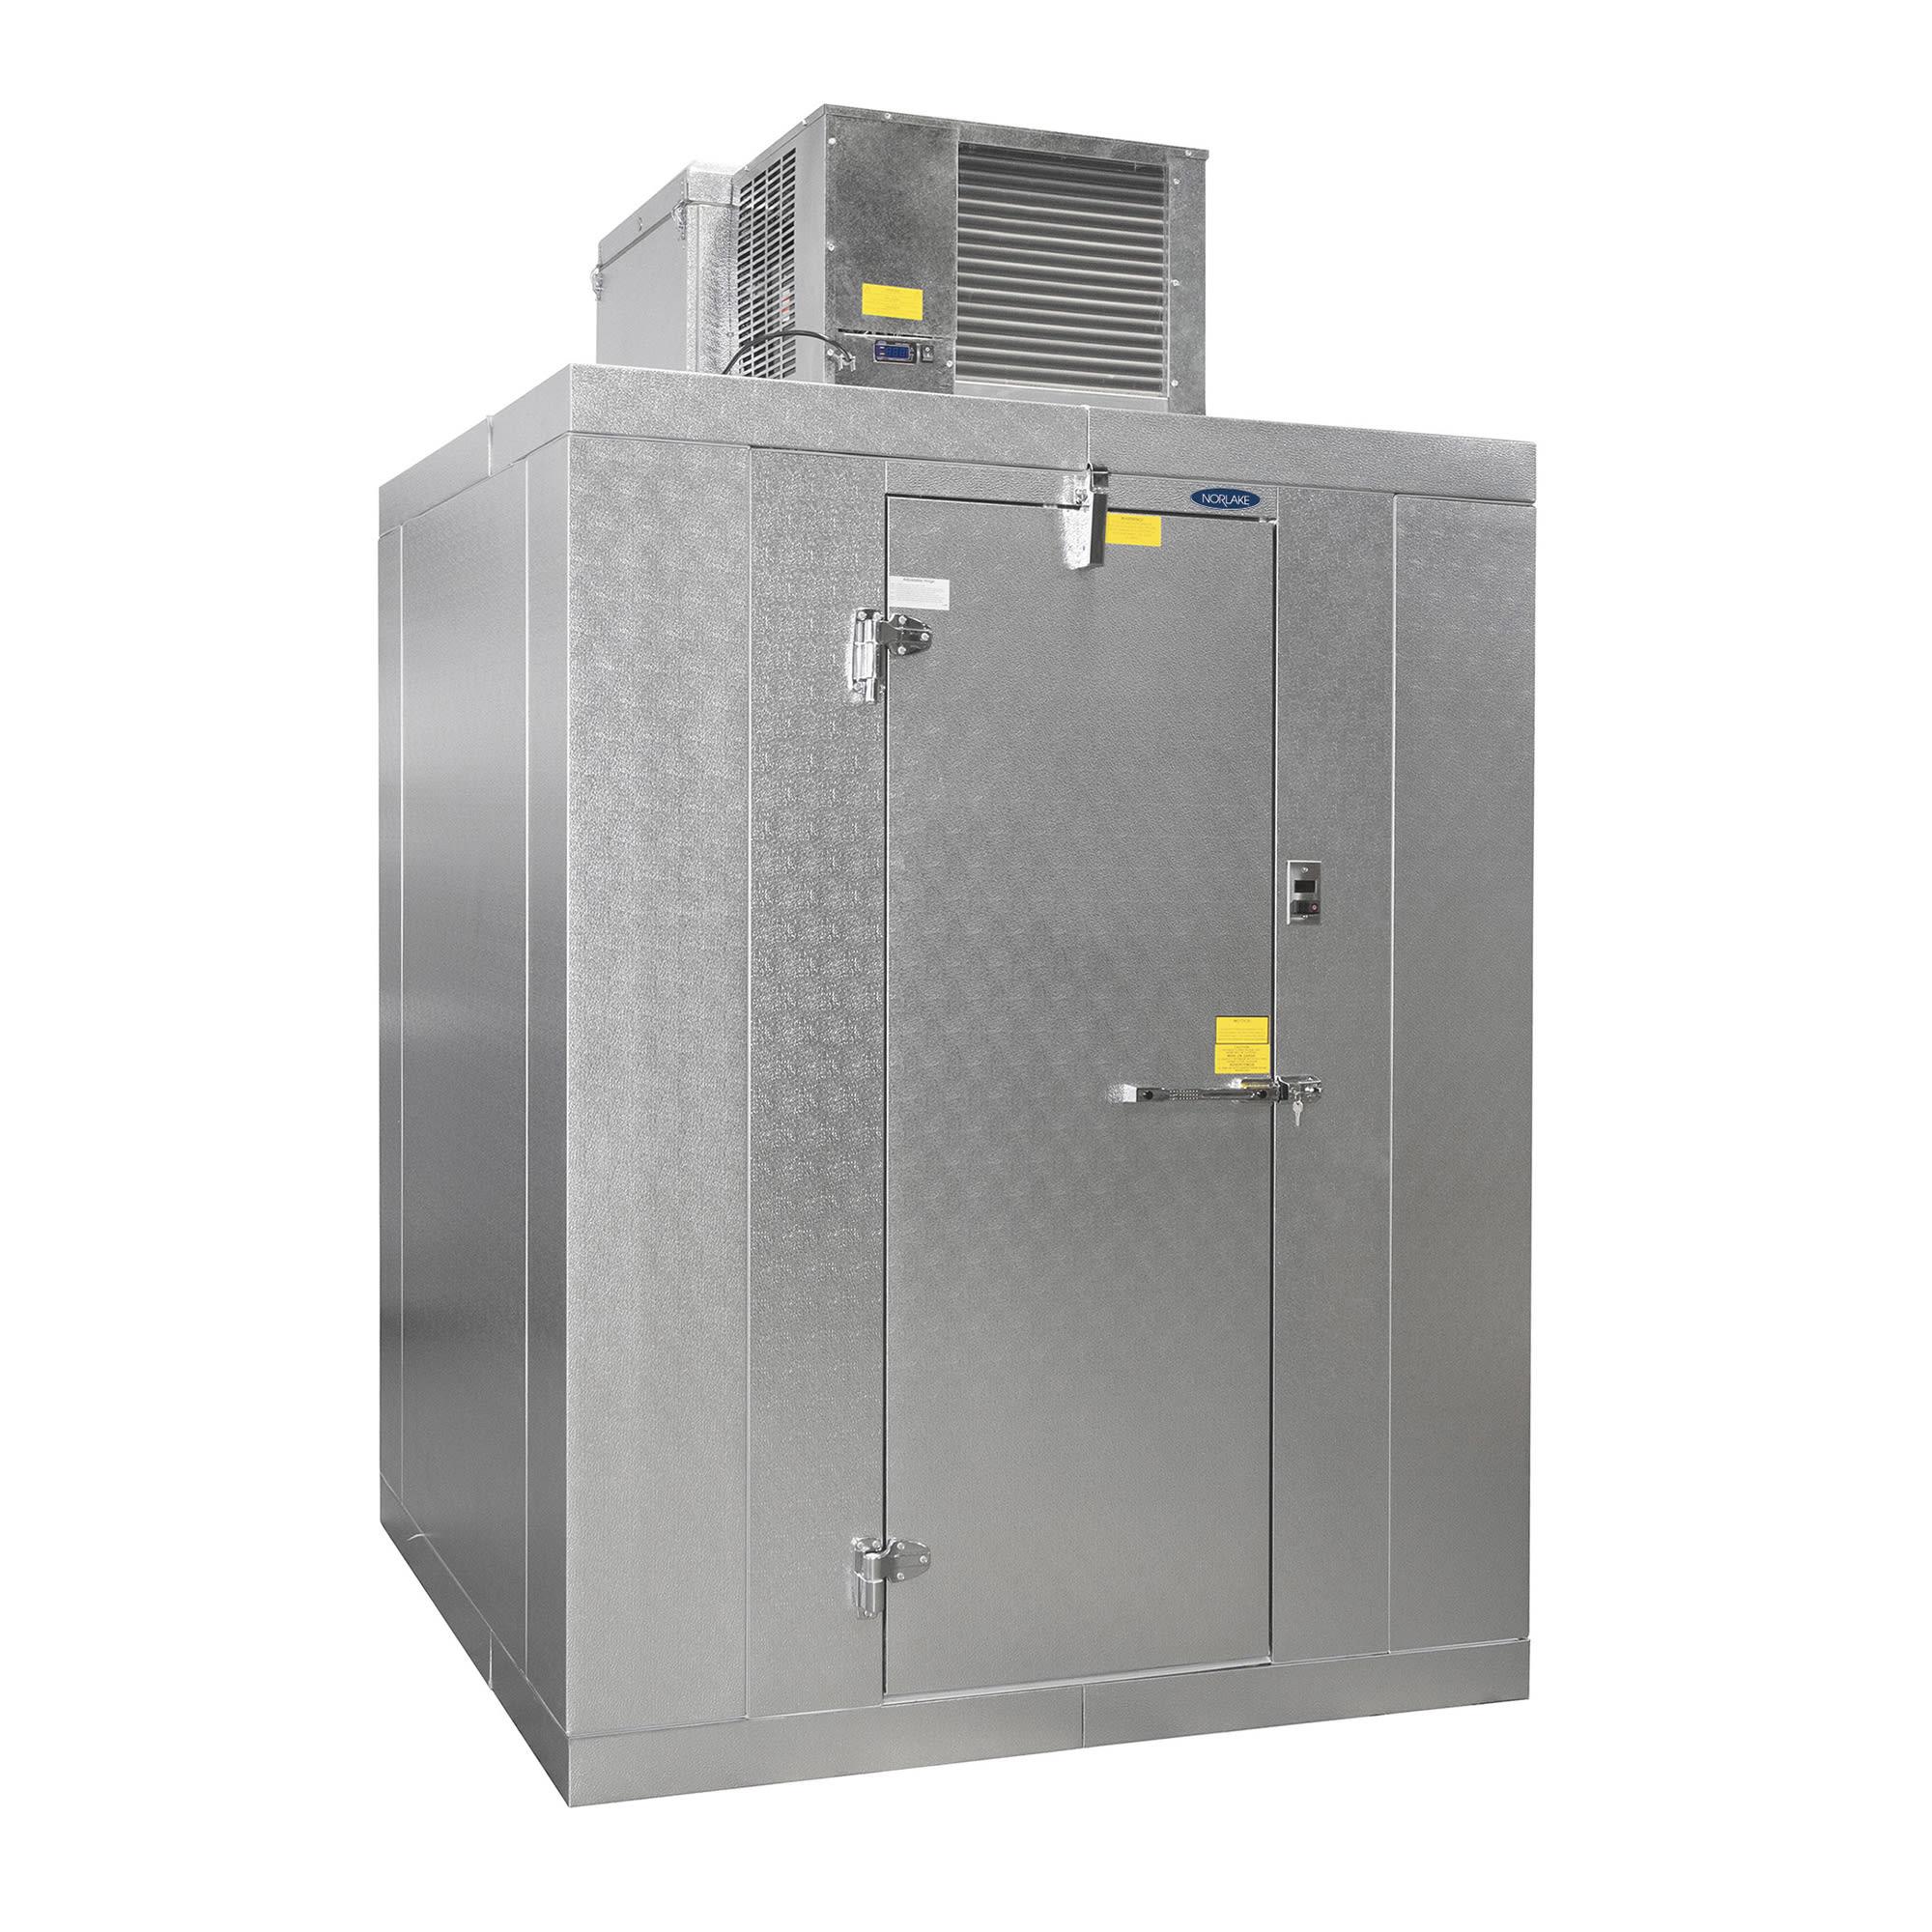 Norlake KLF77812-C Indoor Walk-In Freezer w/ Top Mount Compressor, 8' x 12'